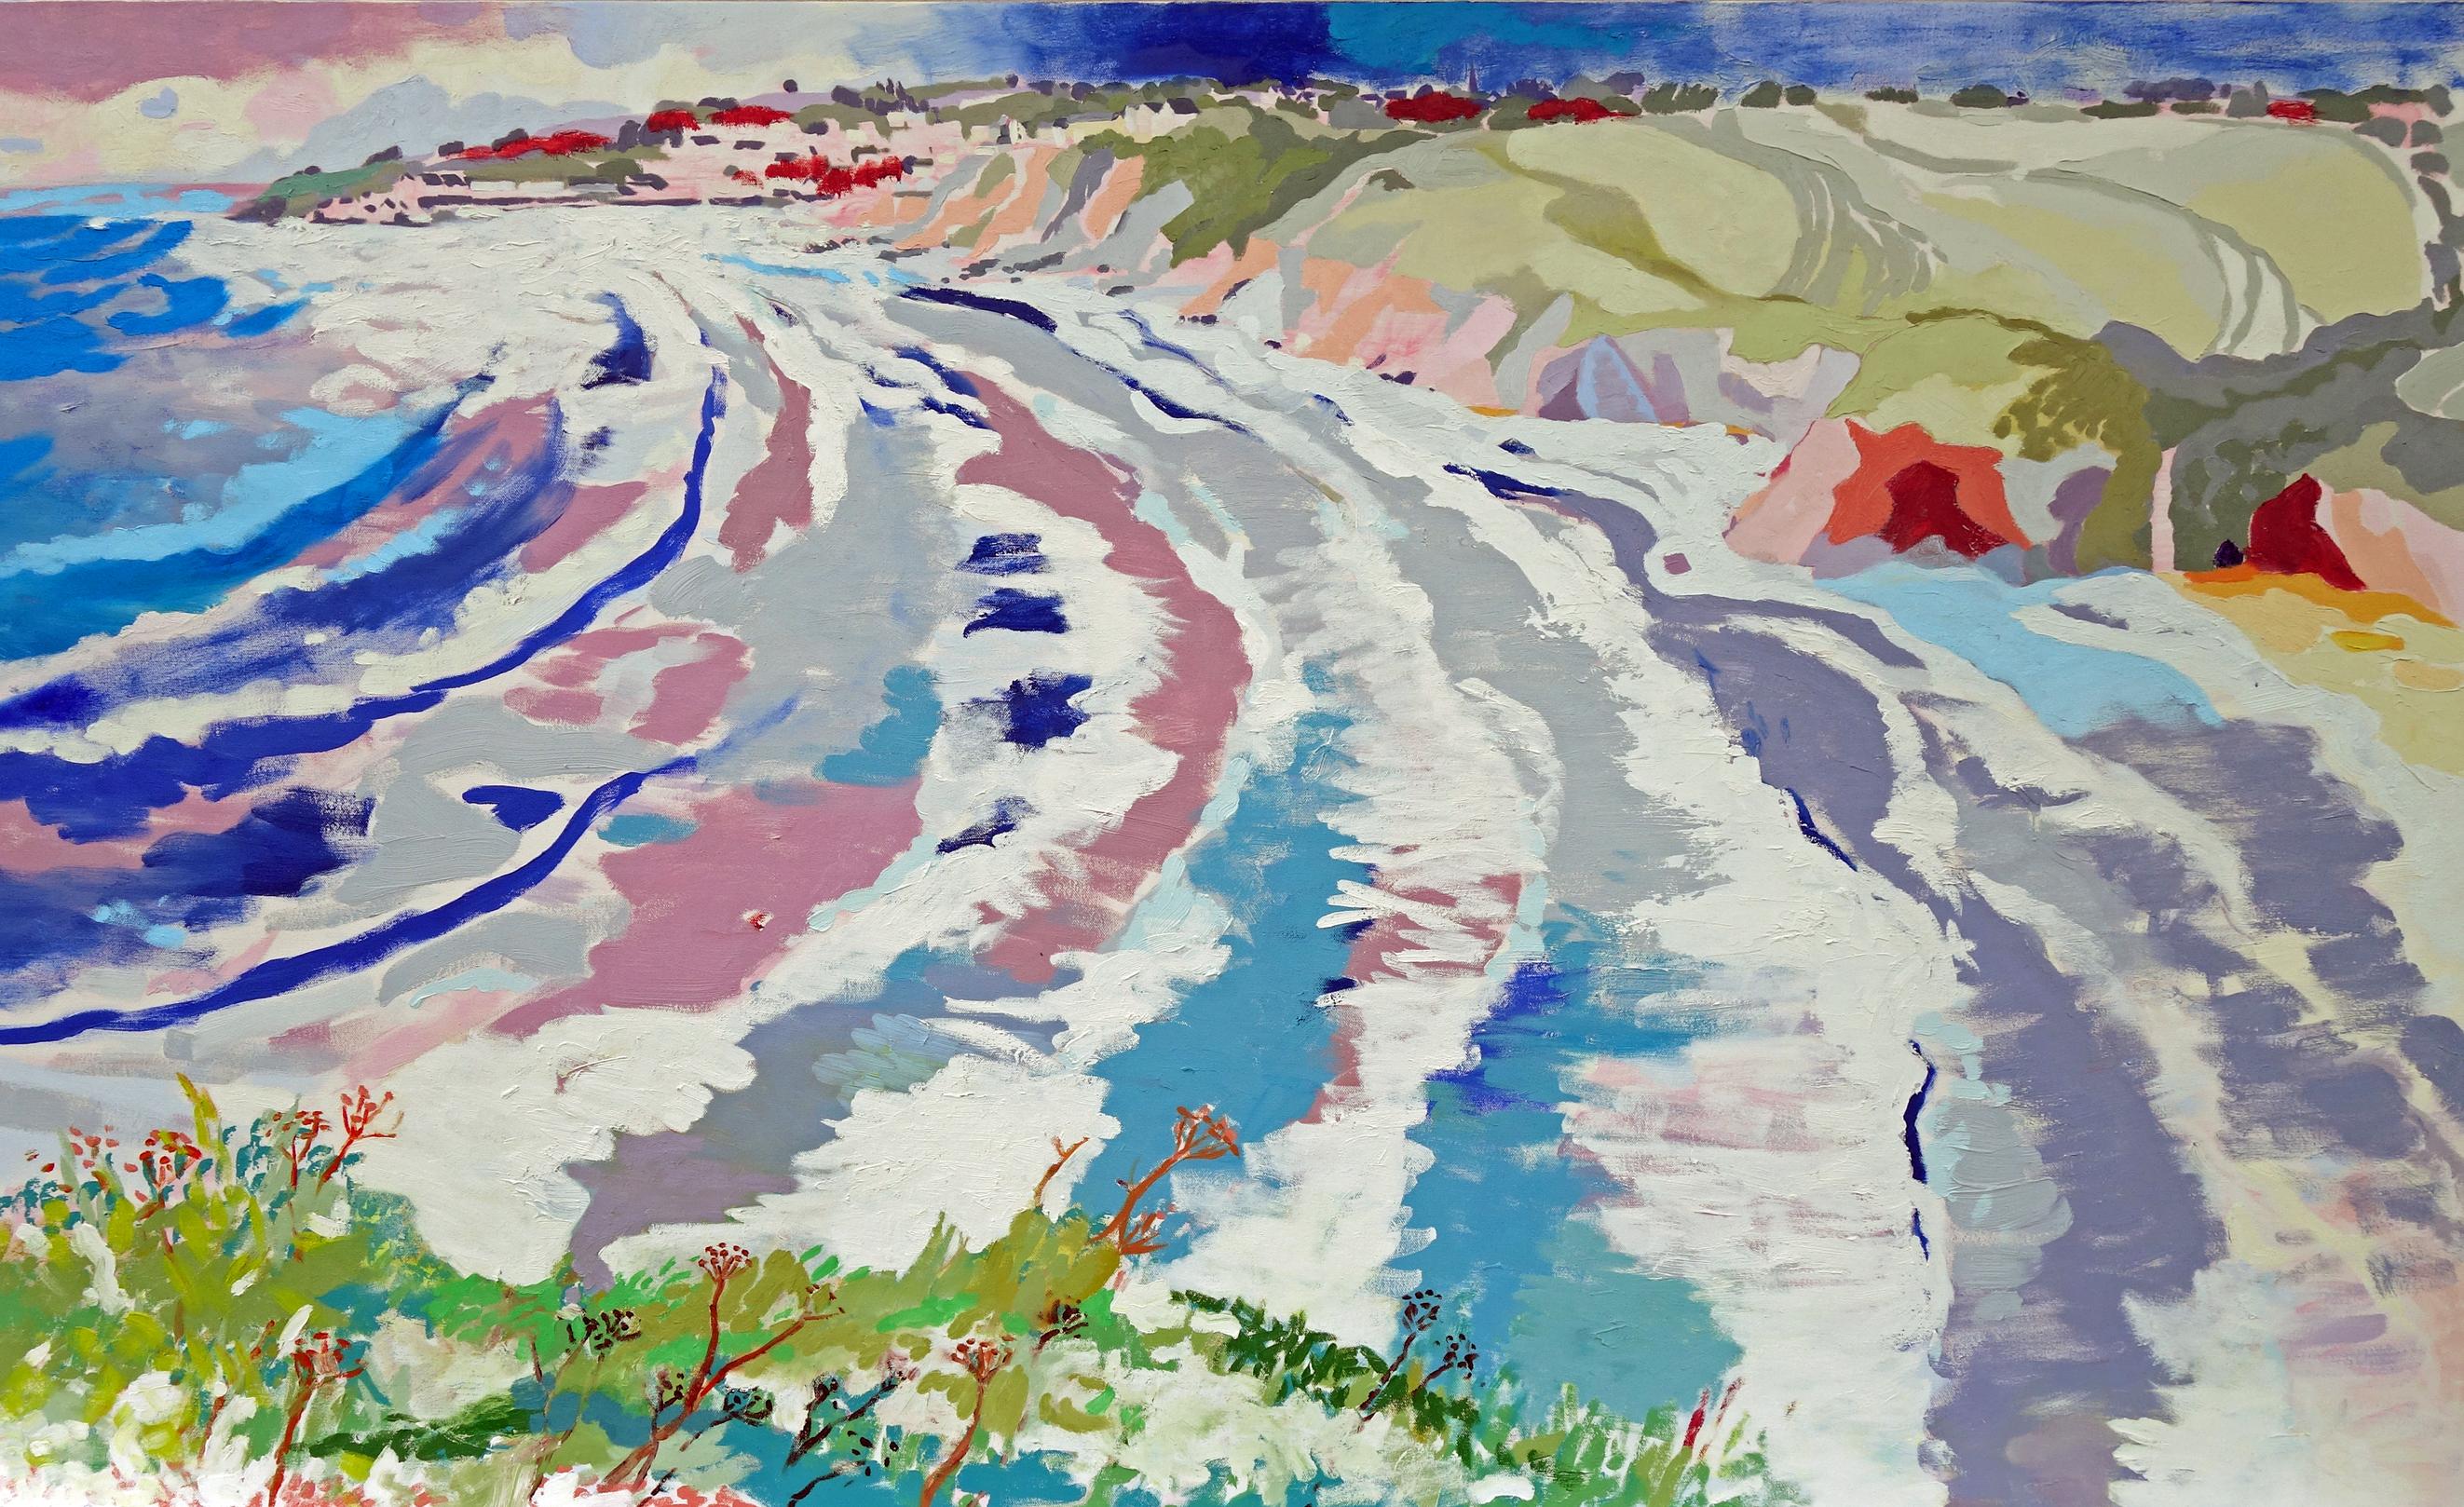 Porthscatho Wind and Sun. Oil on canvas. 100 x 160 cm.